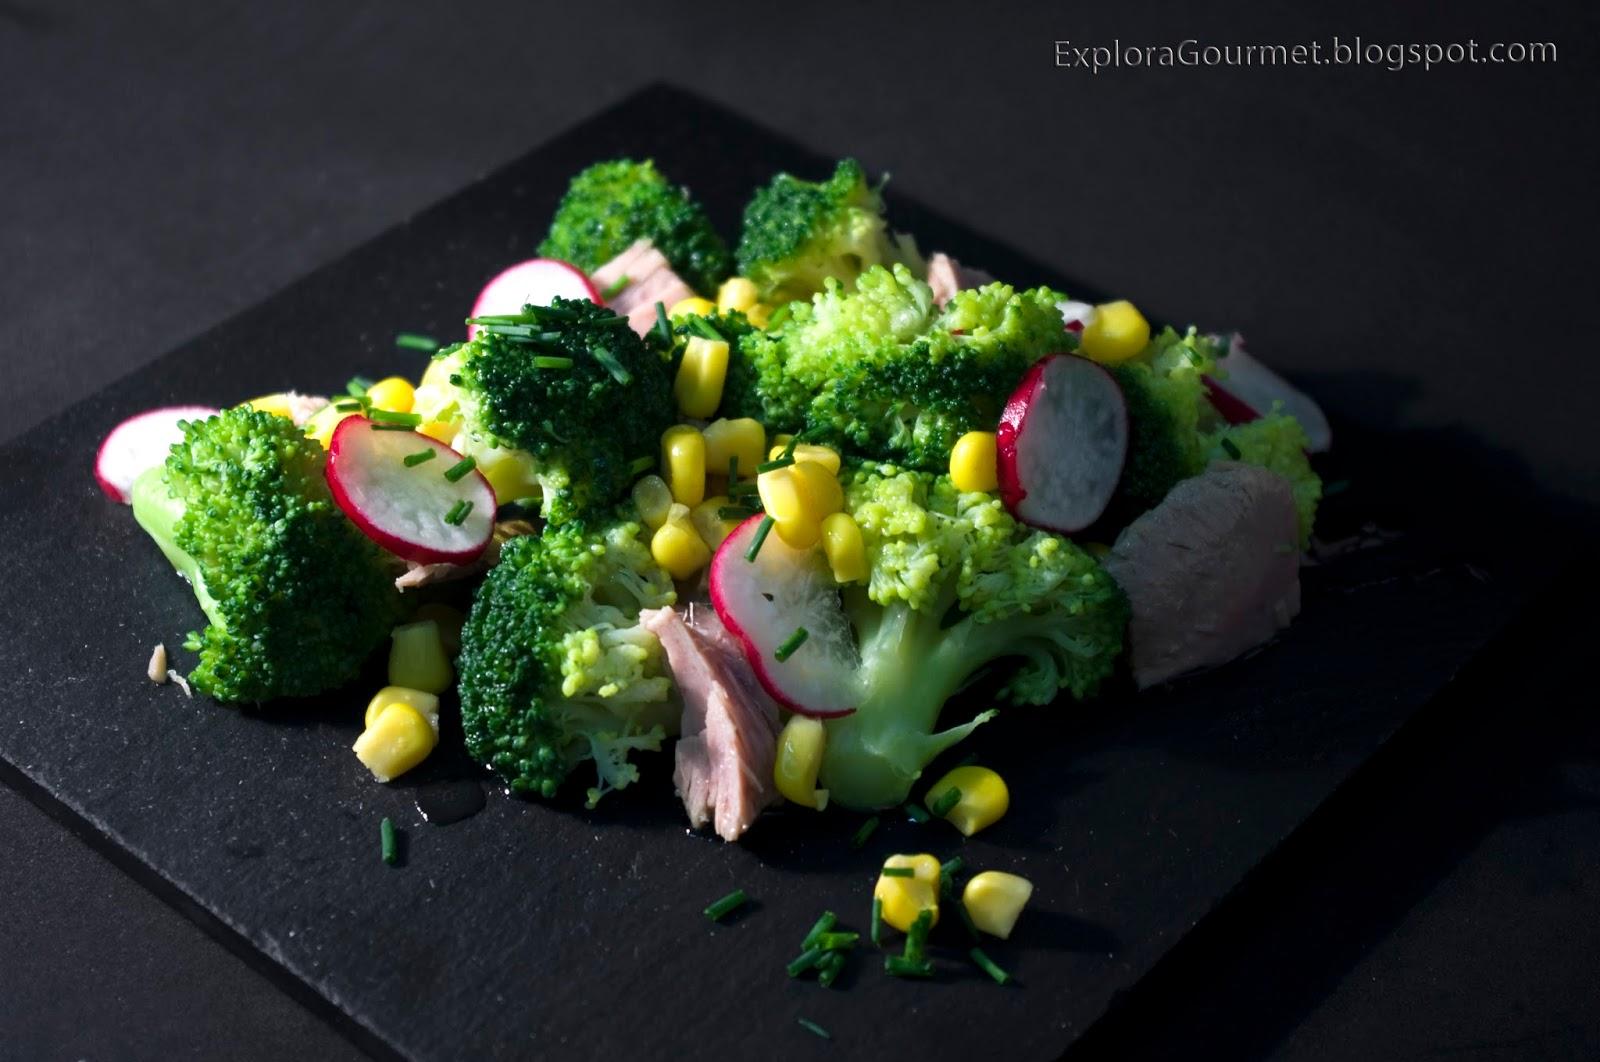 Ensalada de brócoli y atún con rabanitos y maíz